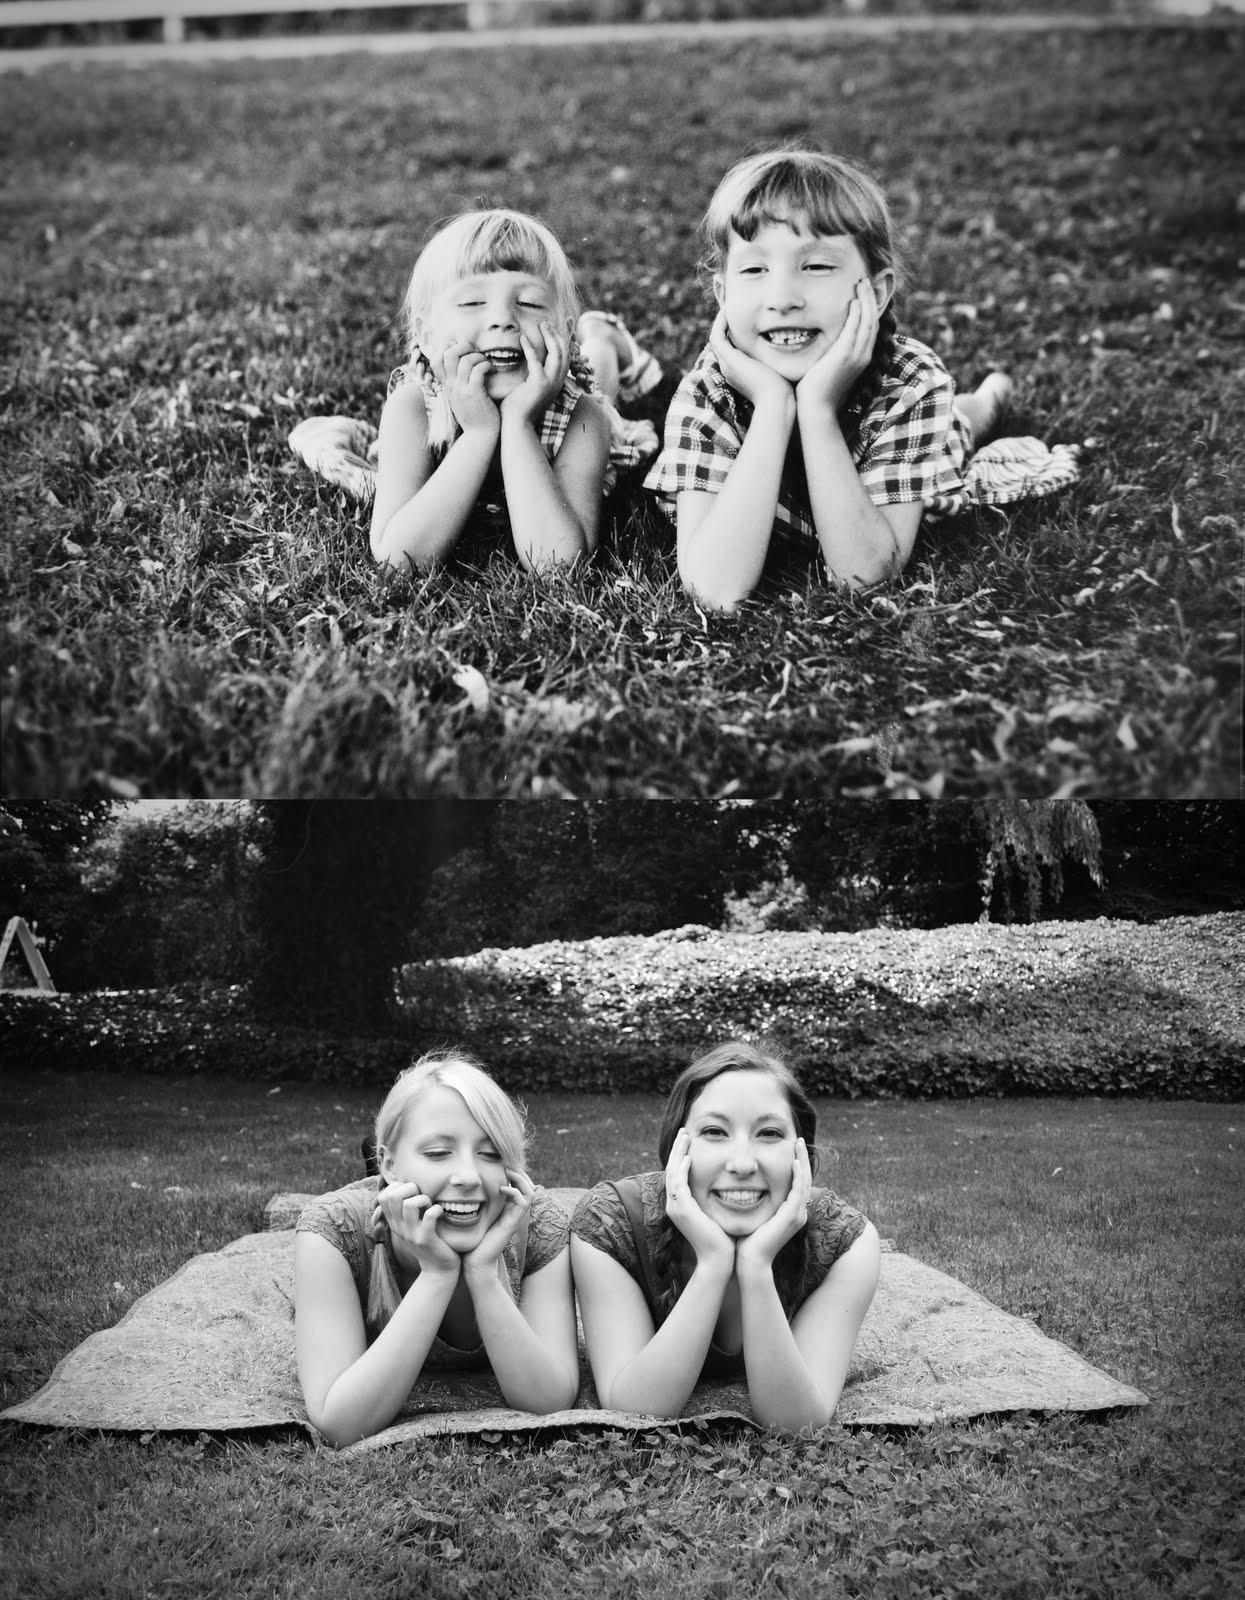 Two Best Friend Photoshoot Ideas